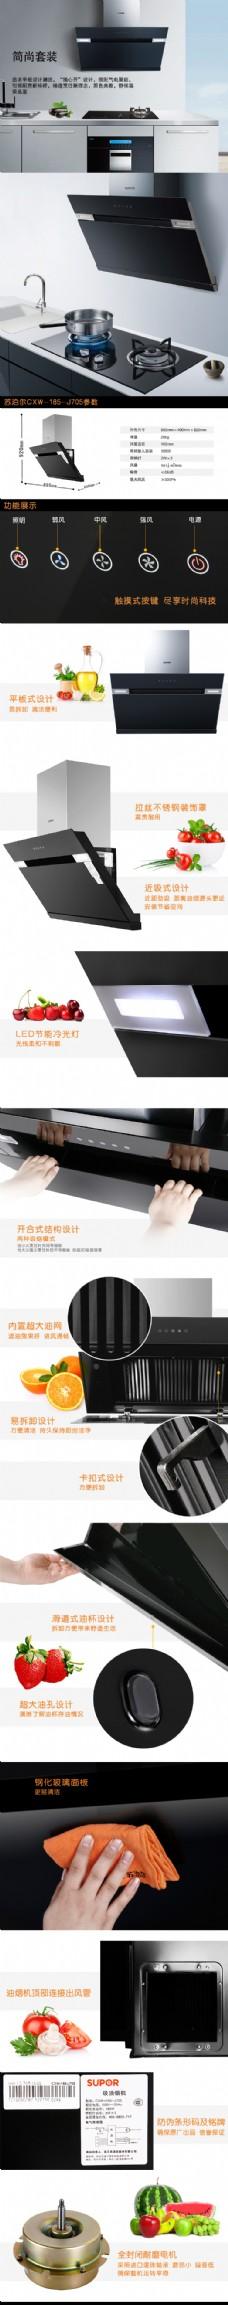 抽油烟机详情页海报